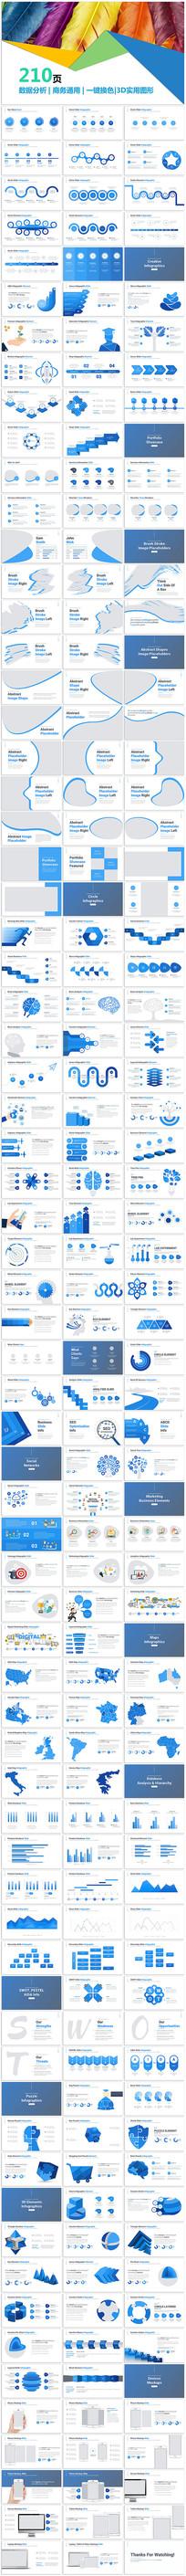 彩色欧美高端商务数据图表